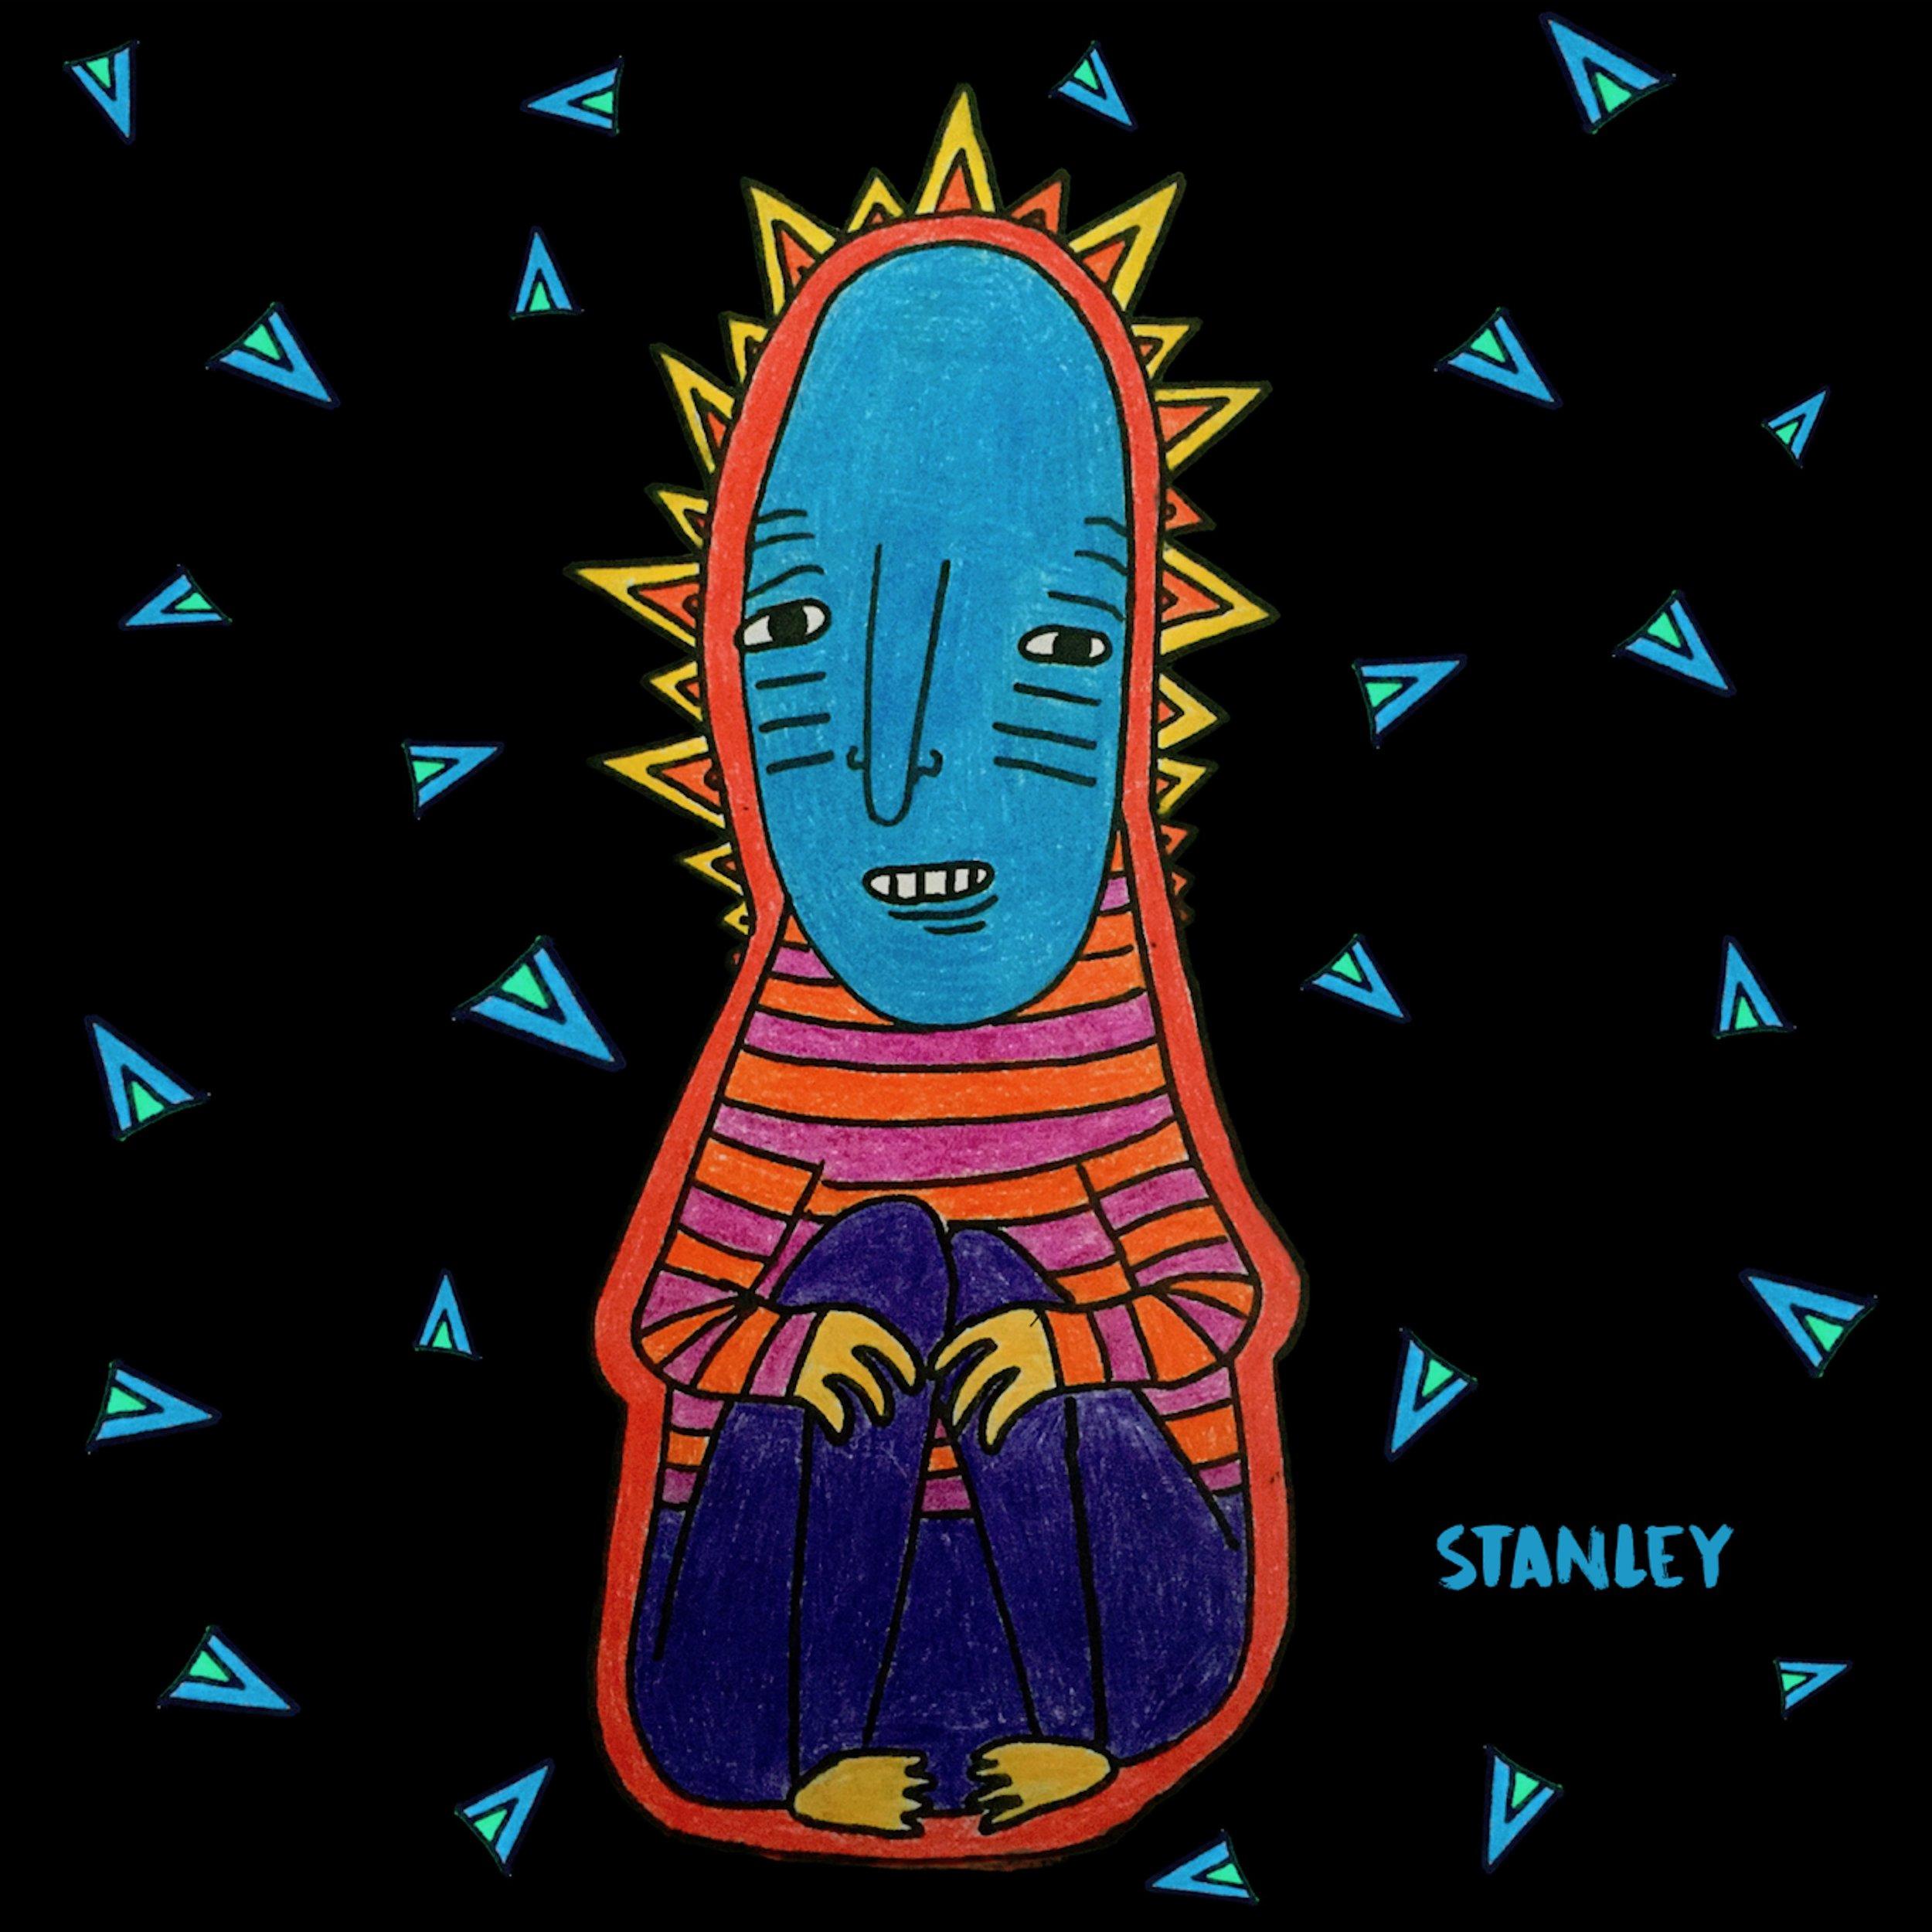 Stanley Cover Art.jpg